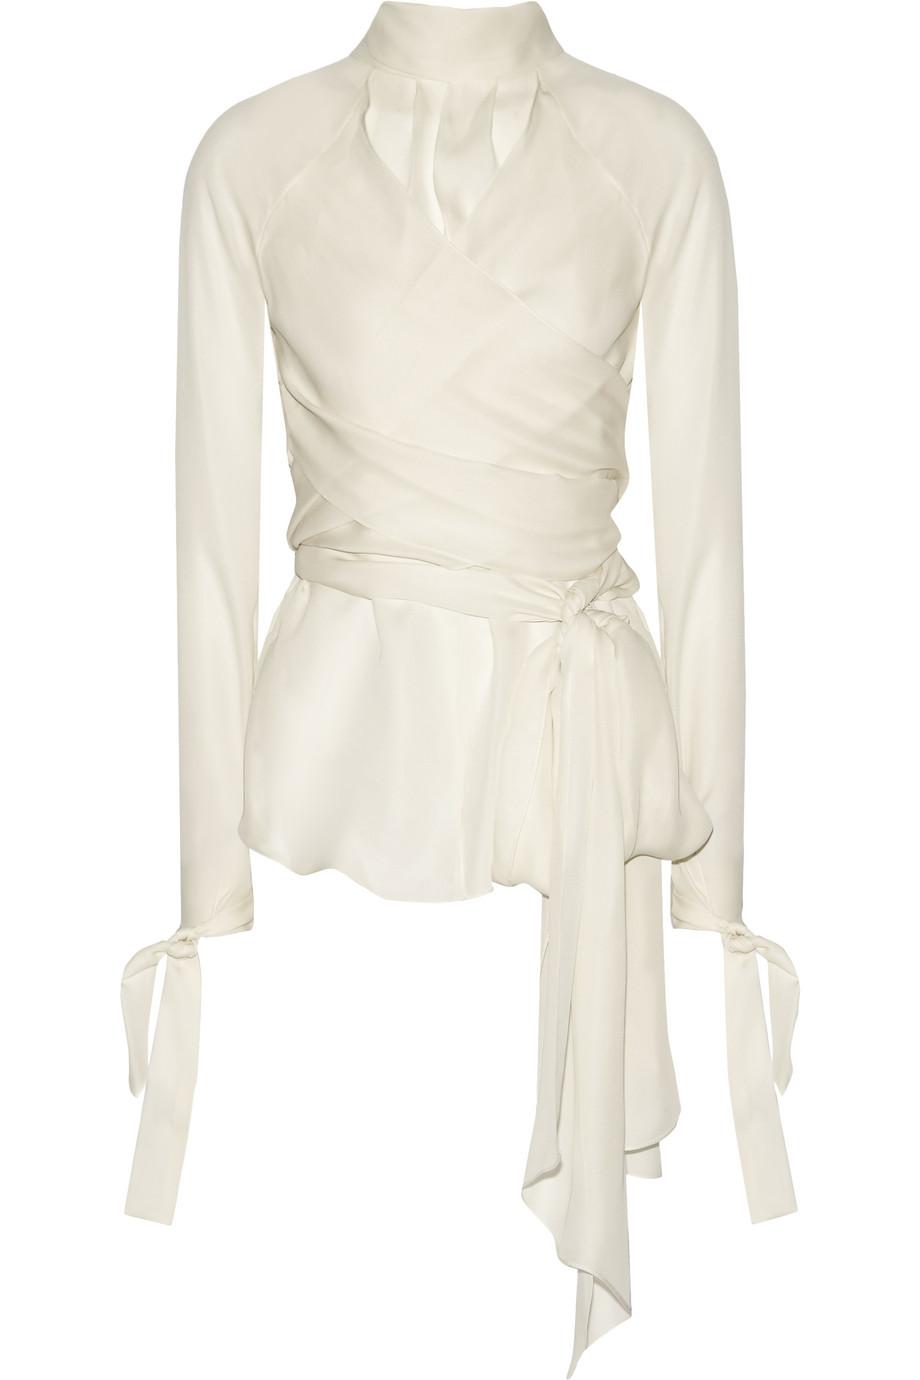 Wrap House Silk-Chiffon Blouse, Off-White, Women's, Size: 0